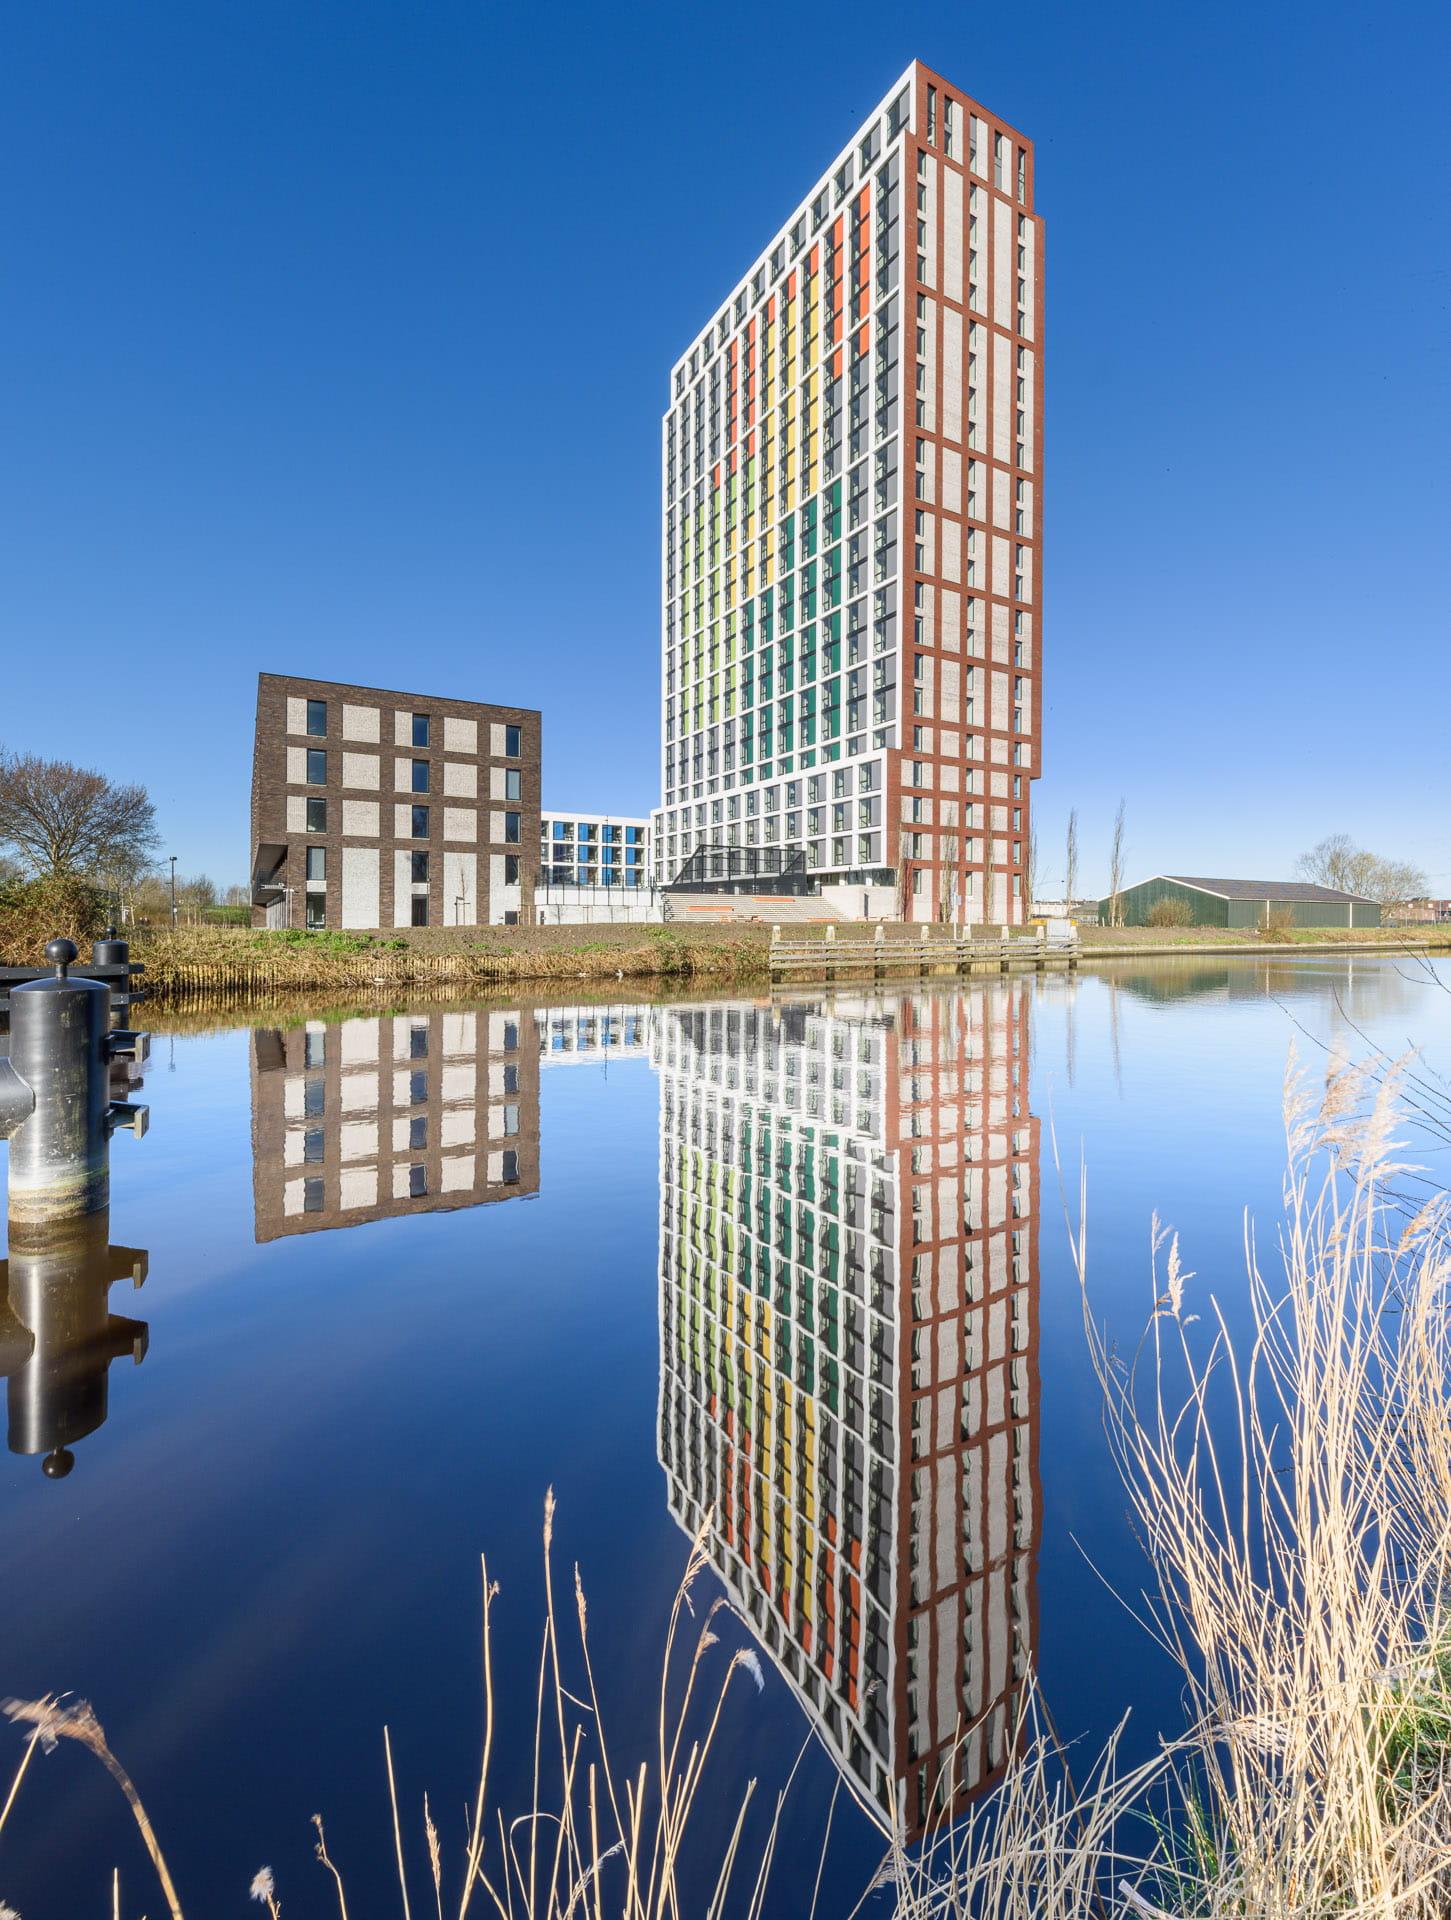 Een toren van rode en witte vlakken baksteen en gekleurde vlakken tegen een blauw lucht en op de voorgrond water